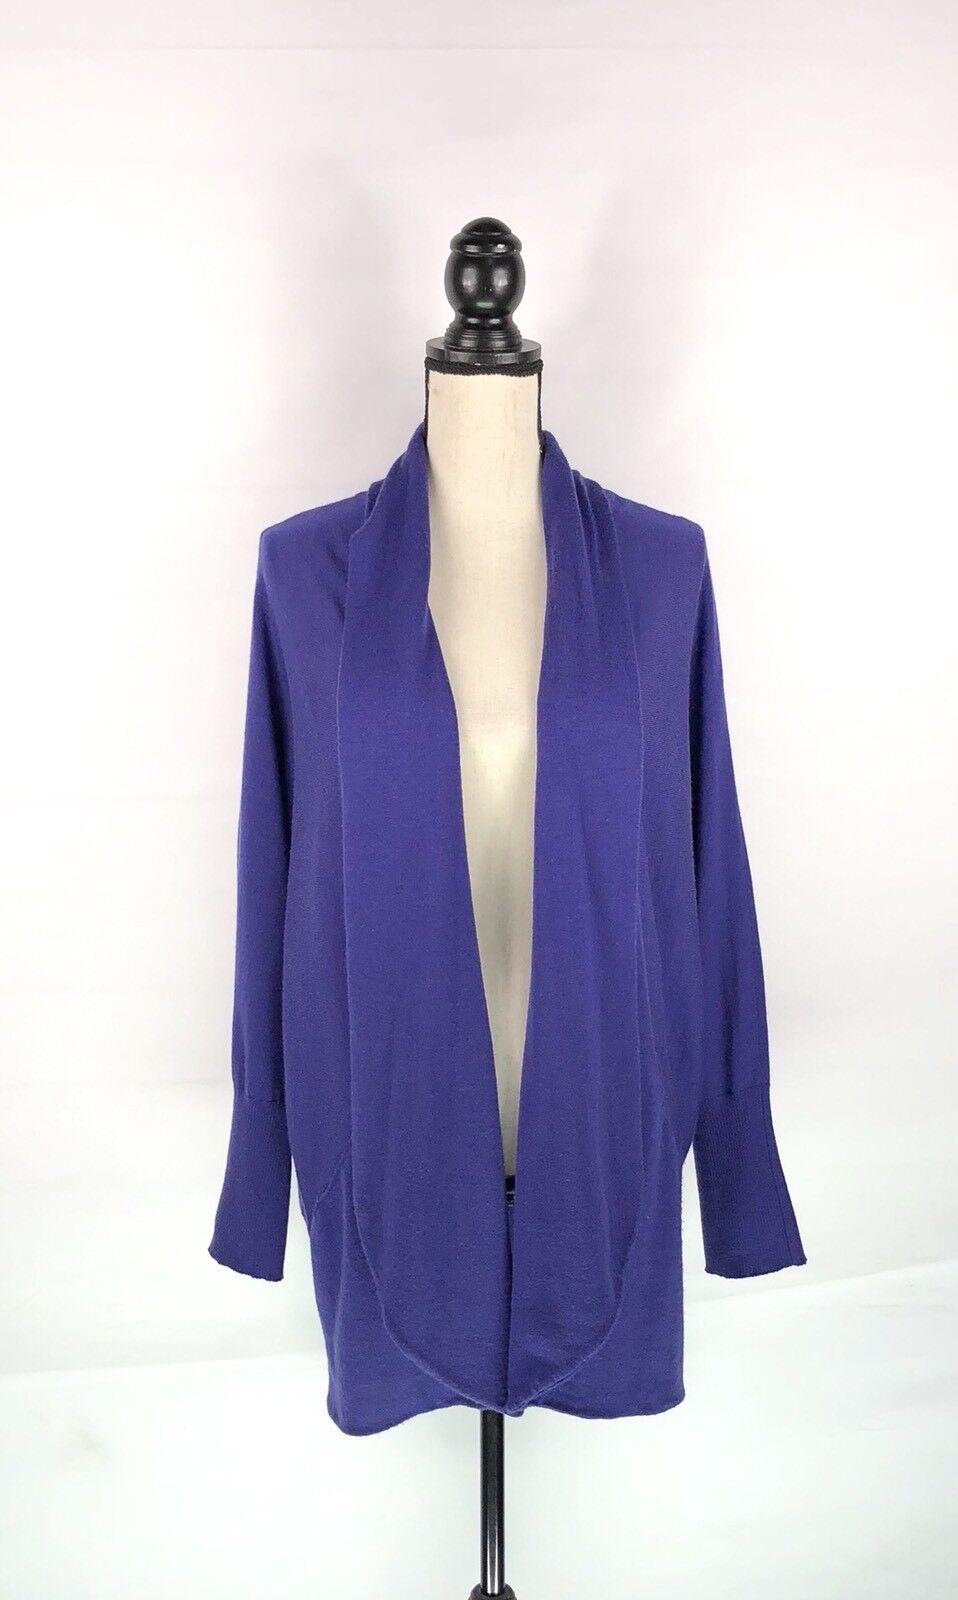 EILEEN FISHER Cardigan Sweater Women Sz Large bluee Purple Merino Wool Open Front